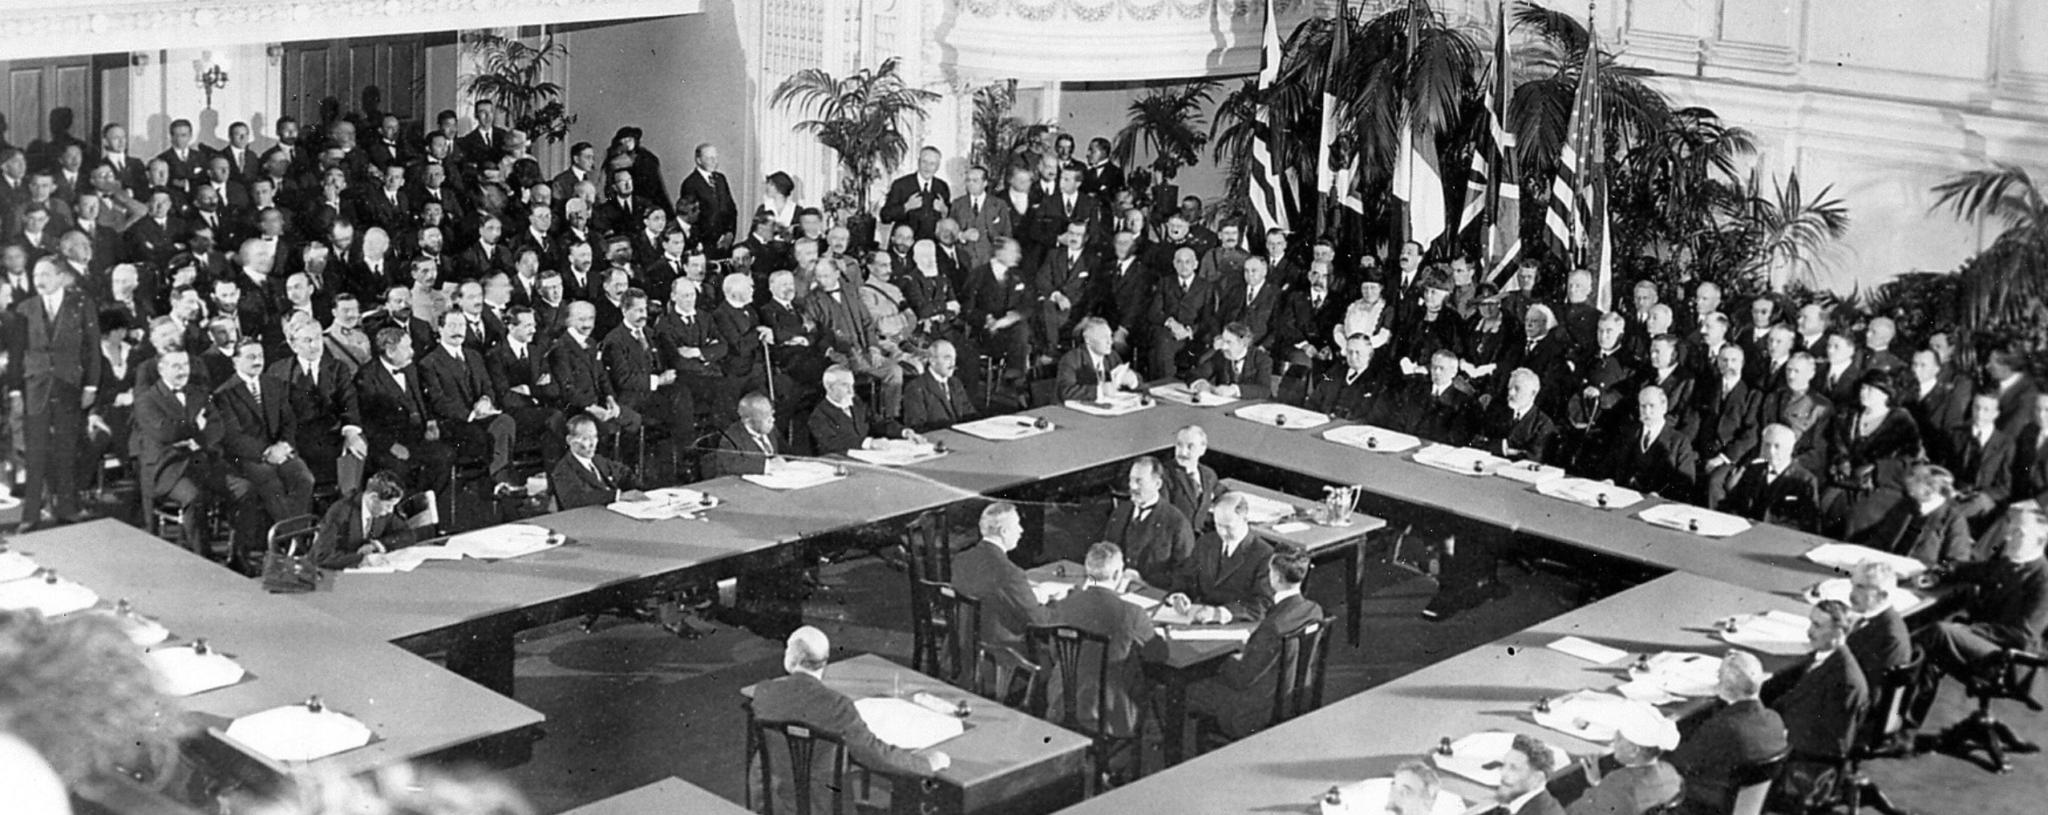 100 let od Versailleské mírové smlouvy